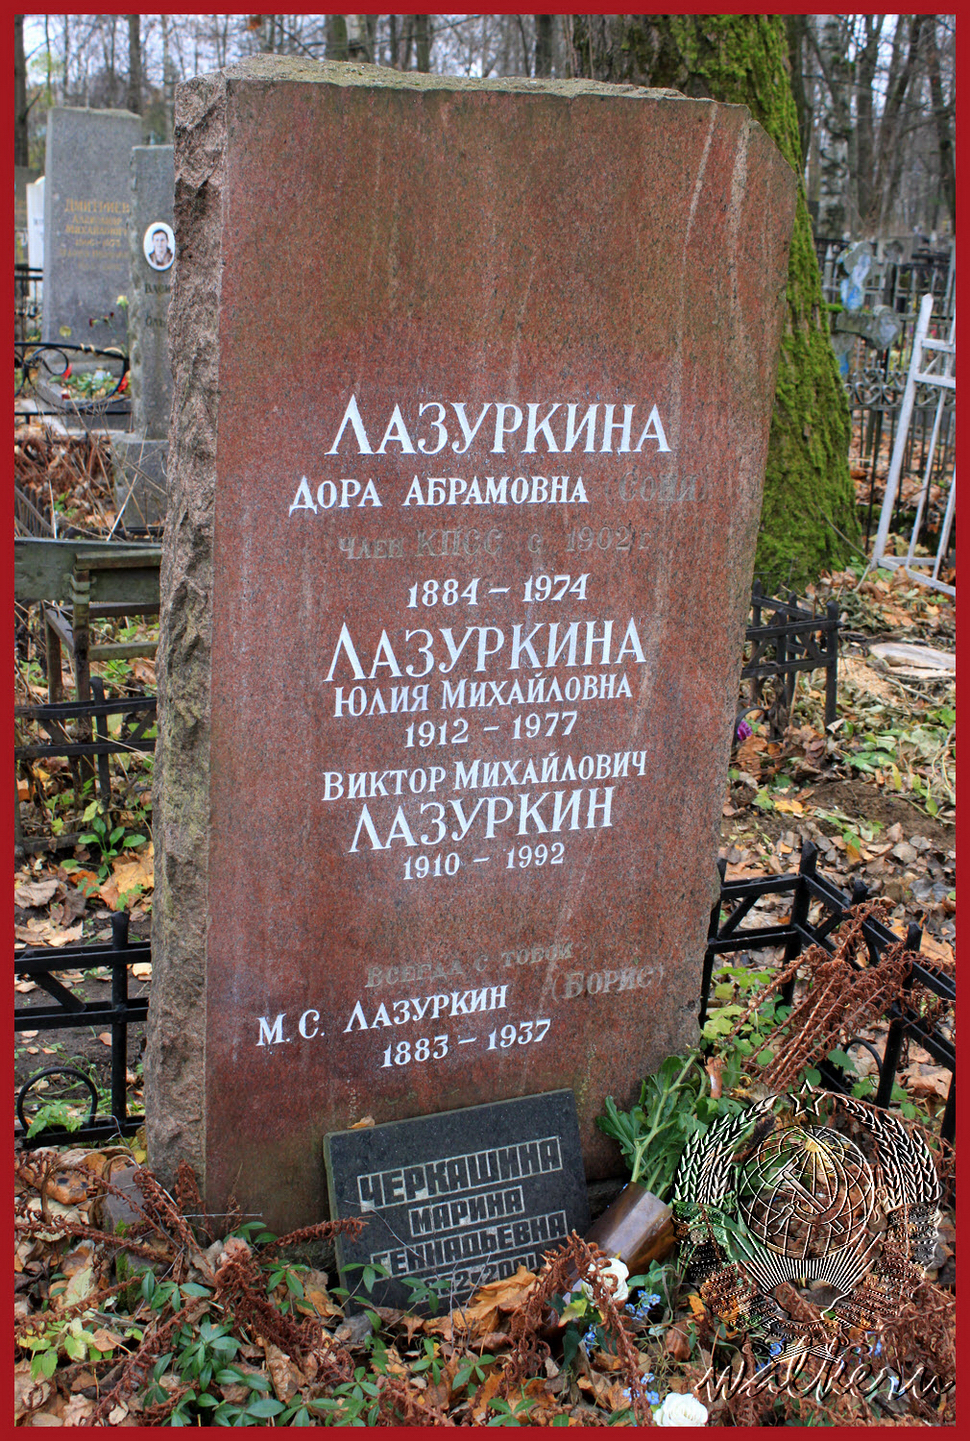 Могила Лазуркиной Д.А. на Богословском кладбище